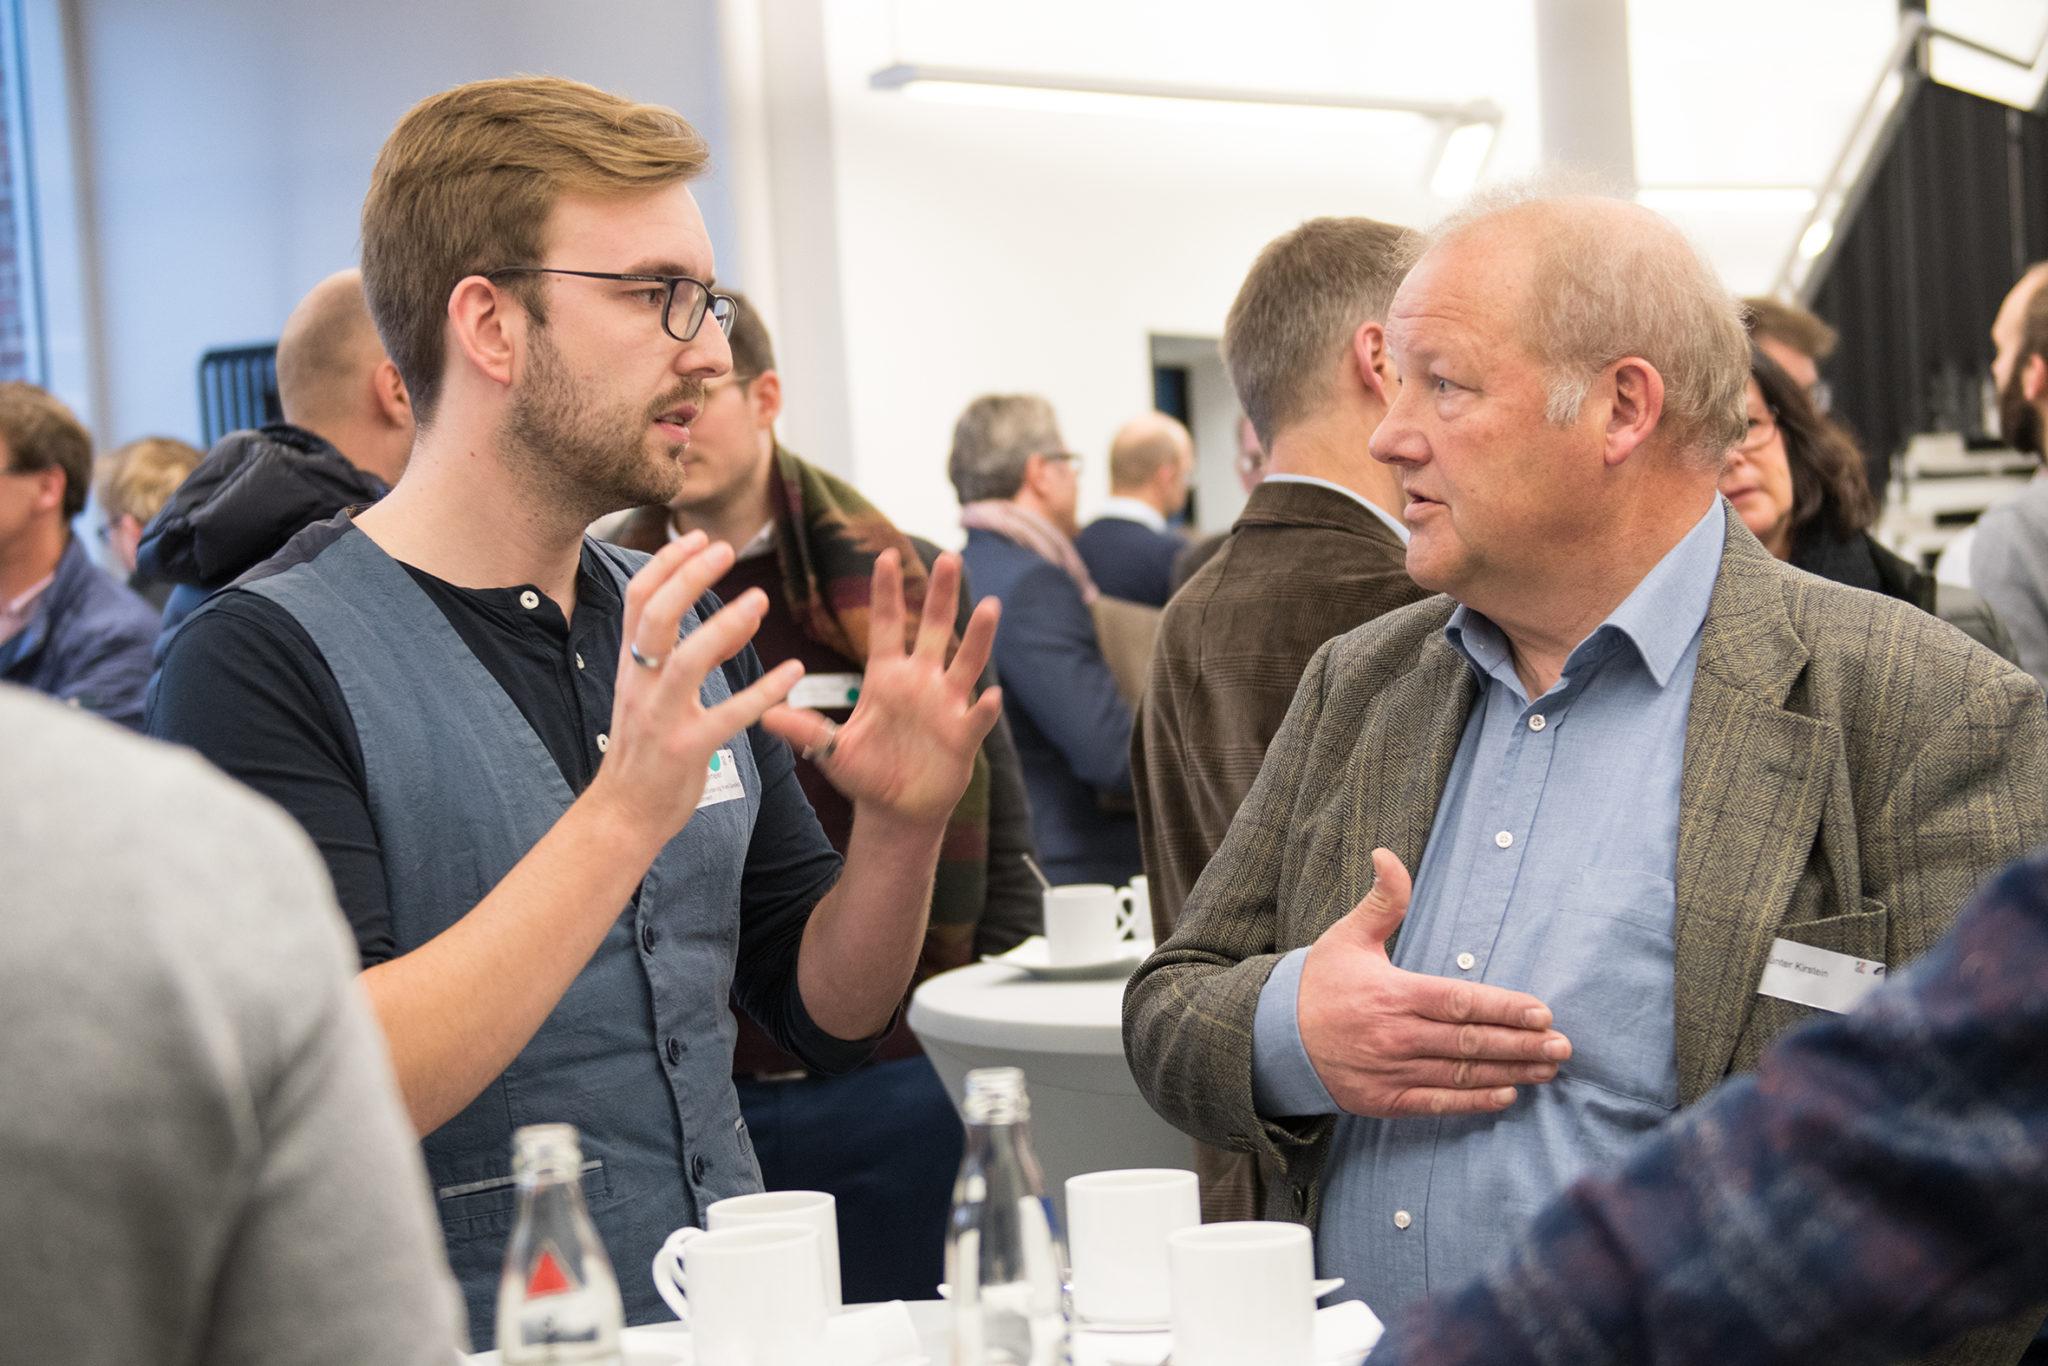 Projektbeginn start.connect: Auf der Suche nach dem digitalen Kick